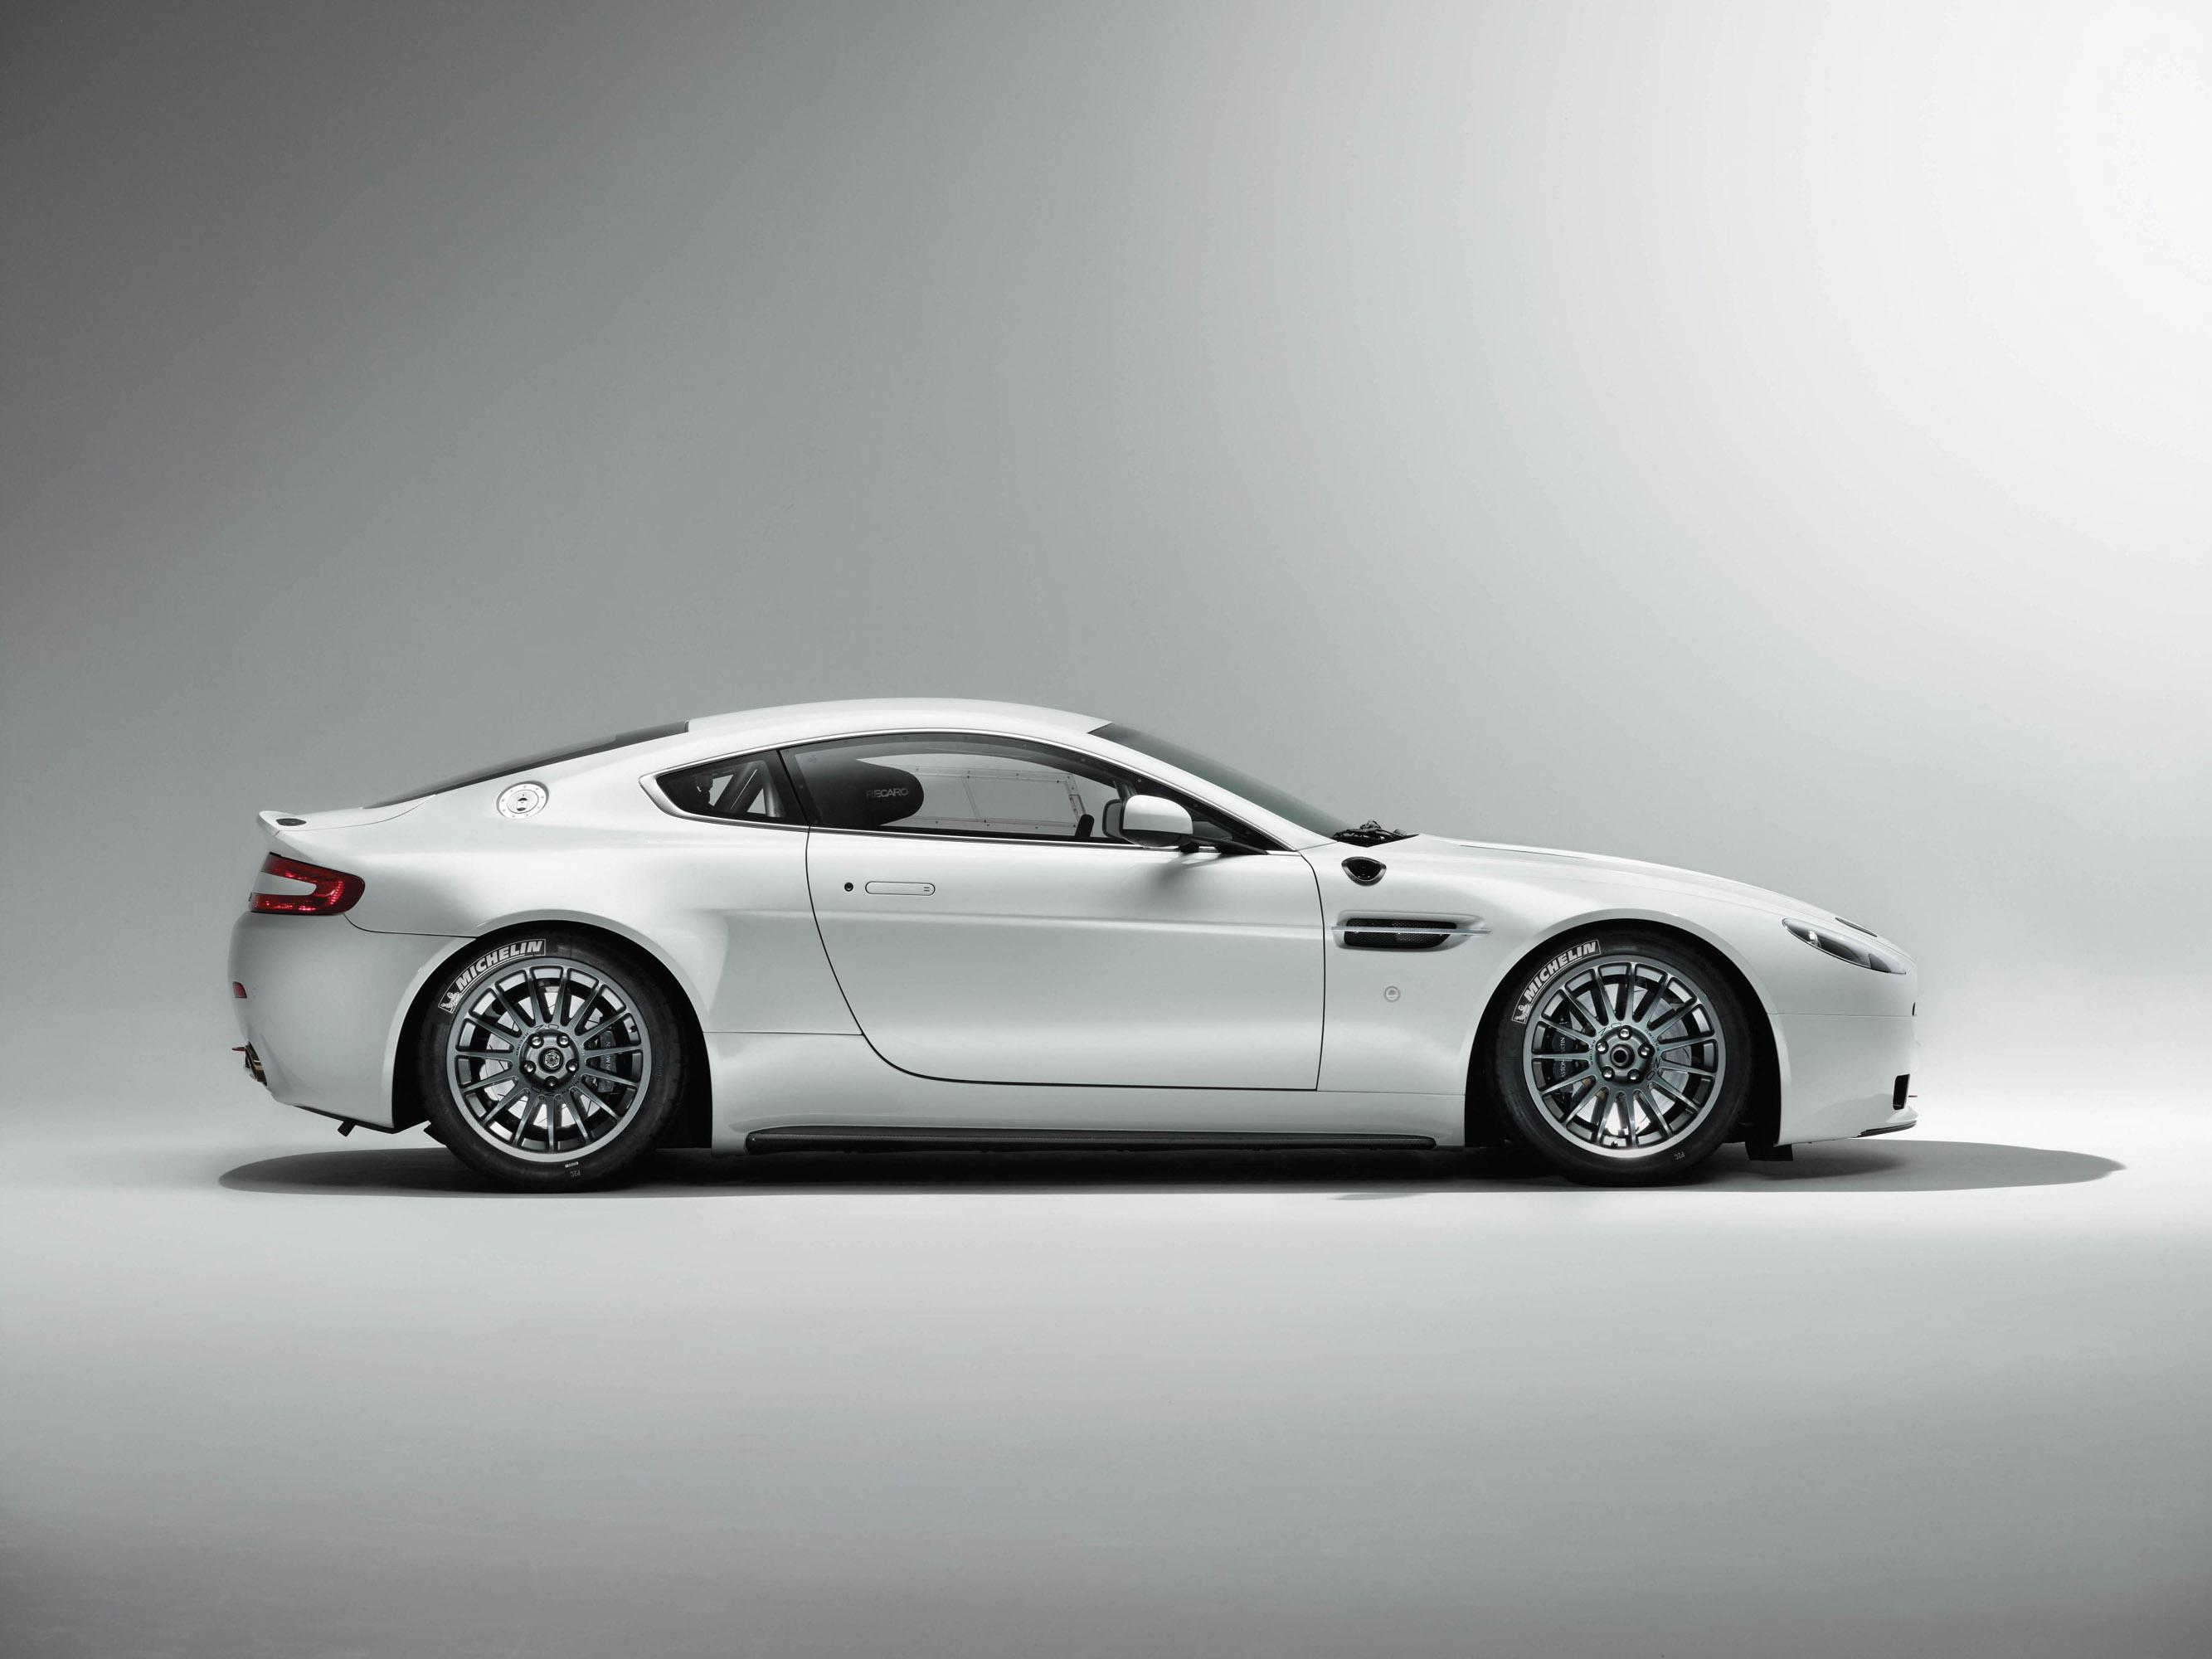 Price of 2011 Aston Martin Vantage Gt4 Aston Martin Vantage Gt4